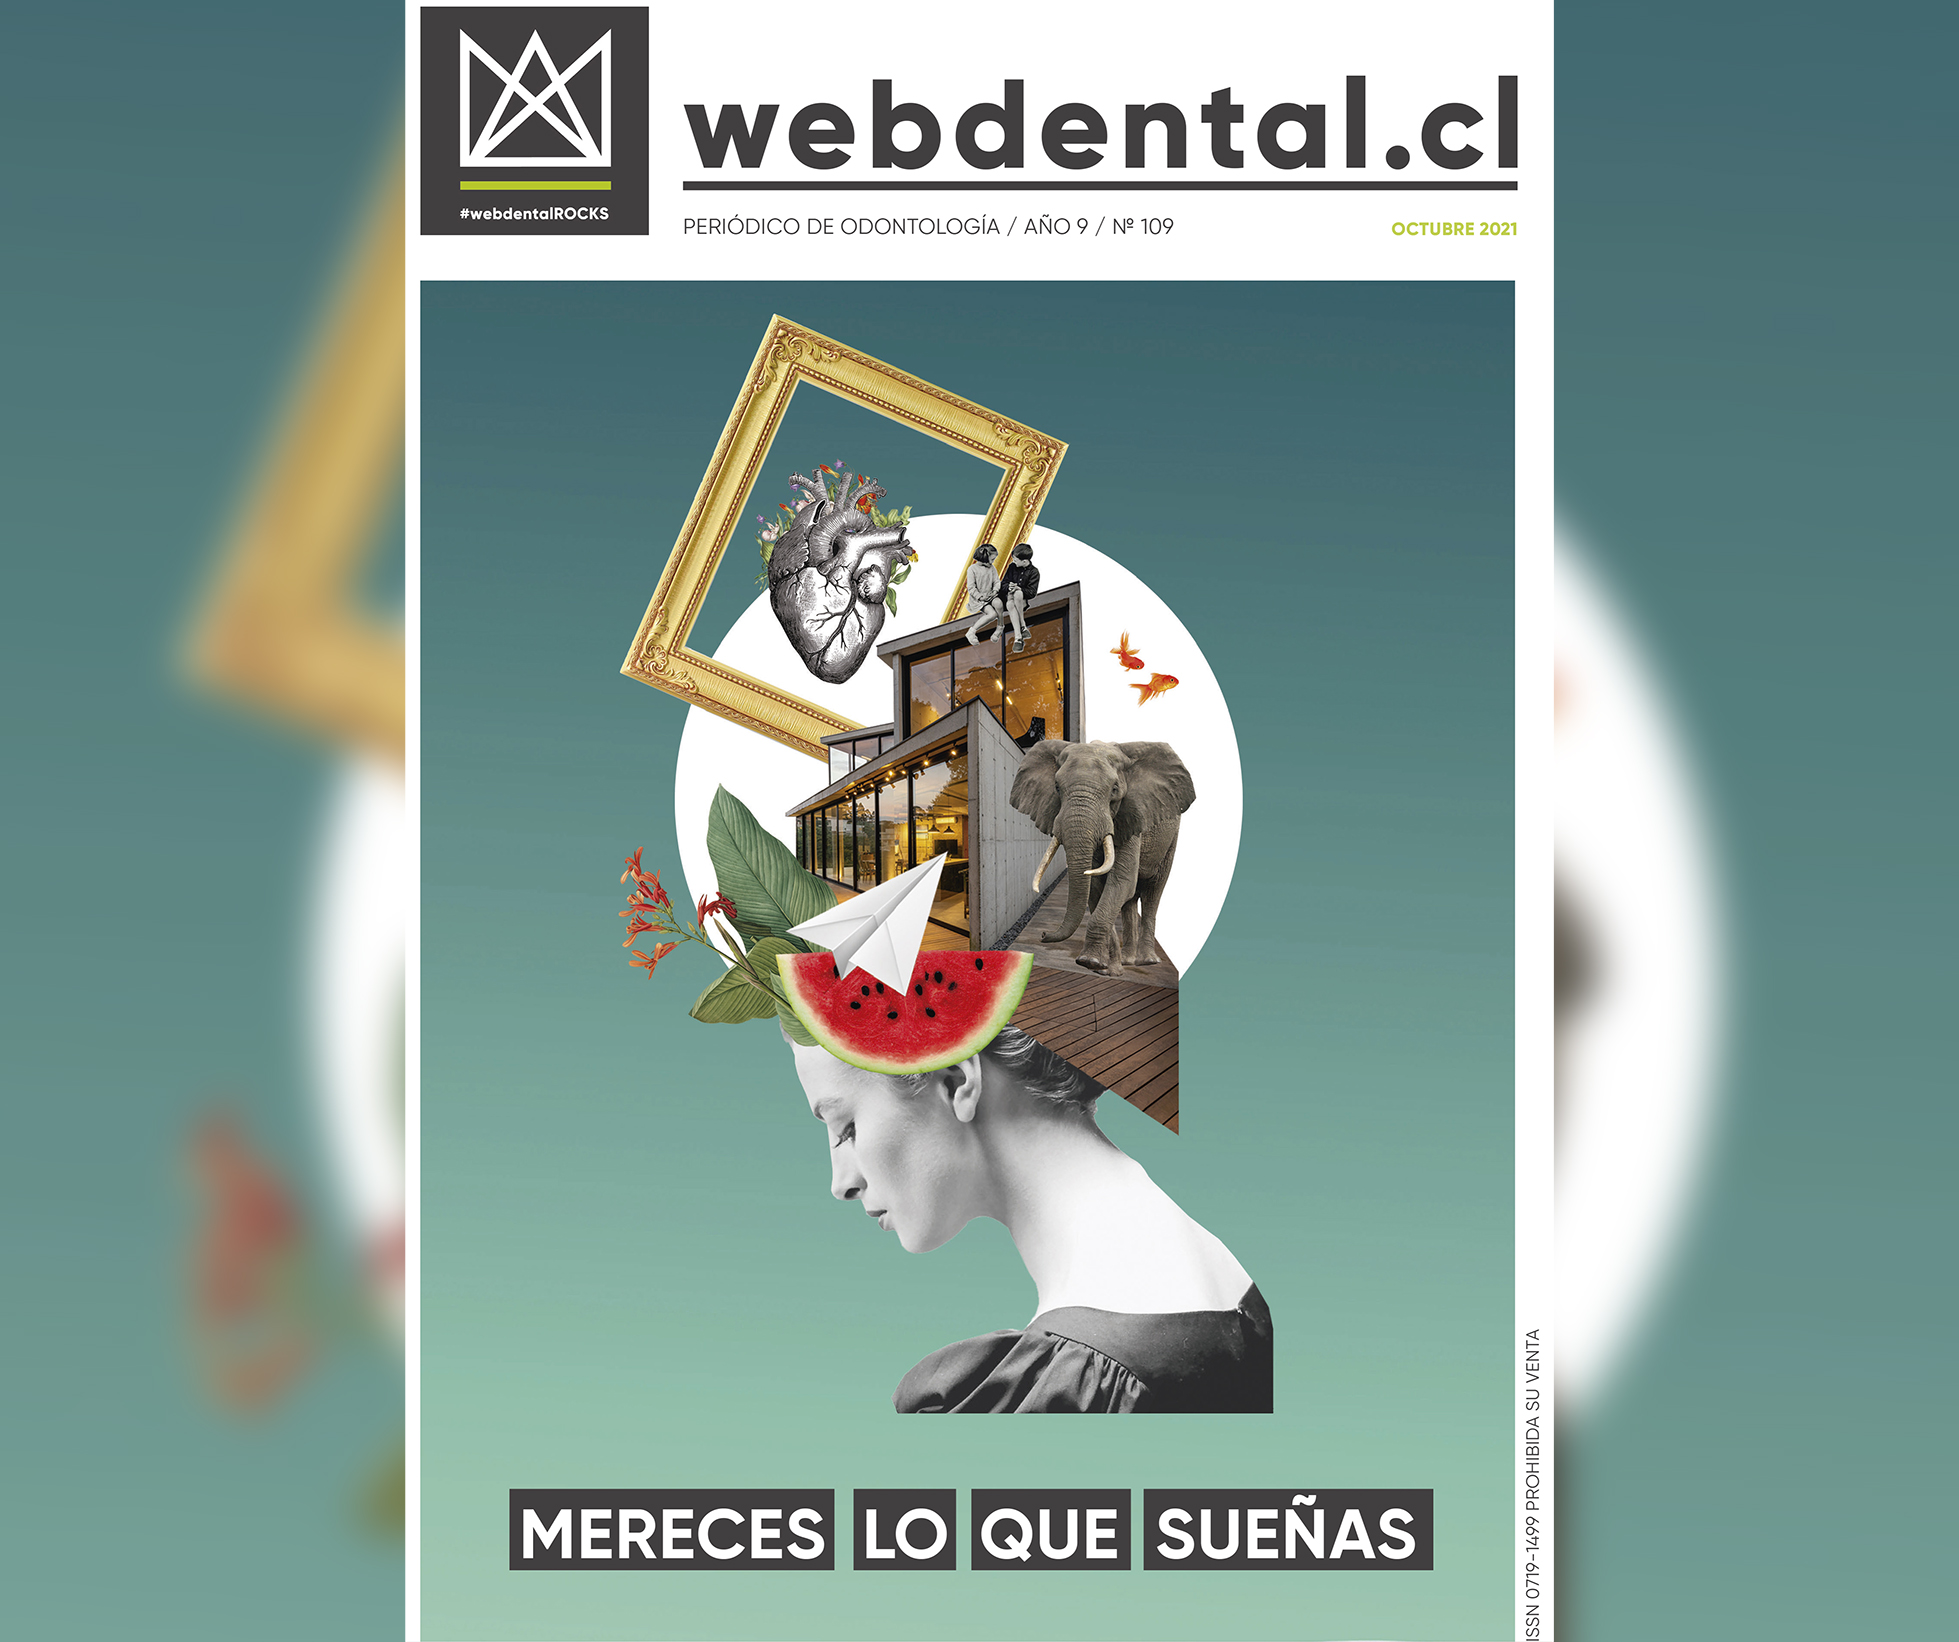 Periodico-de-Odontologia-109-IG-web